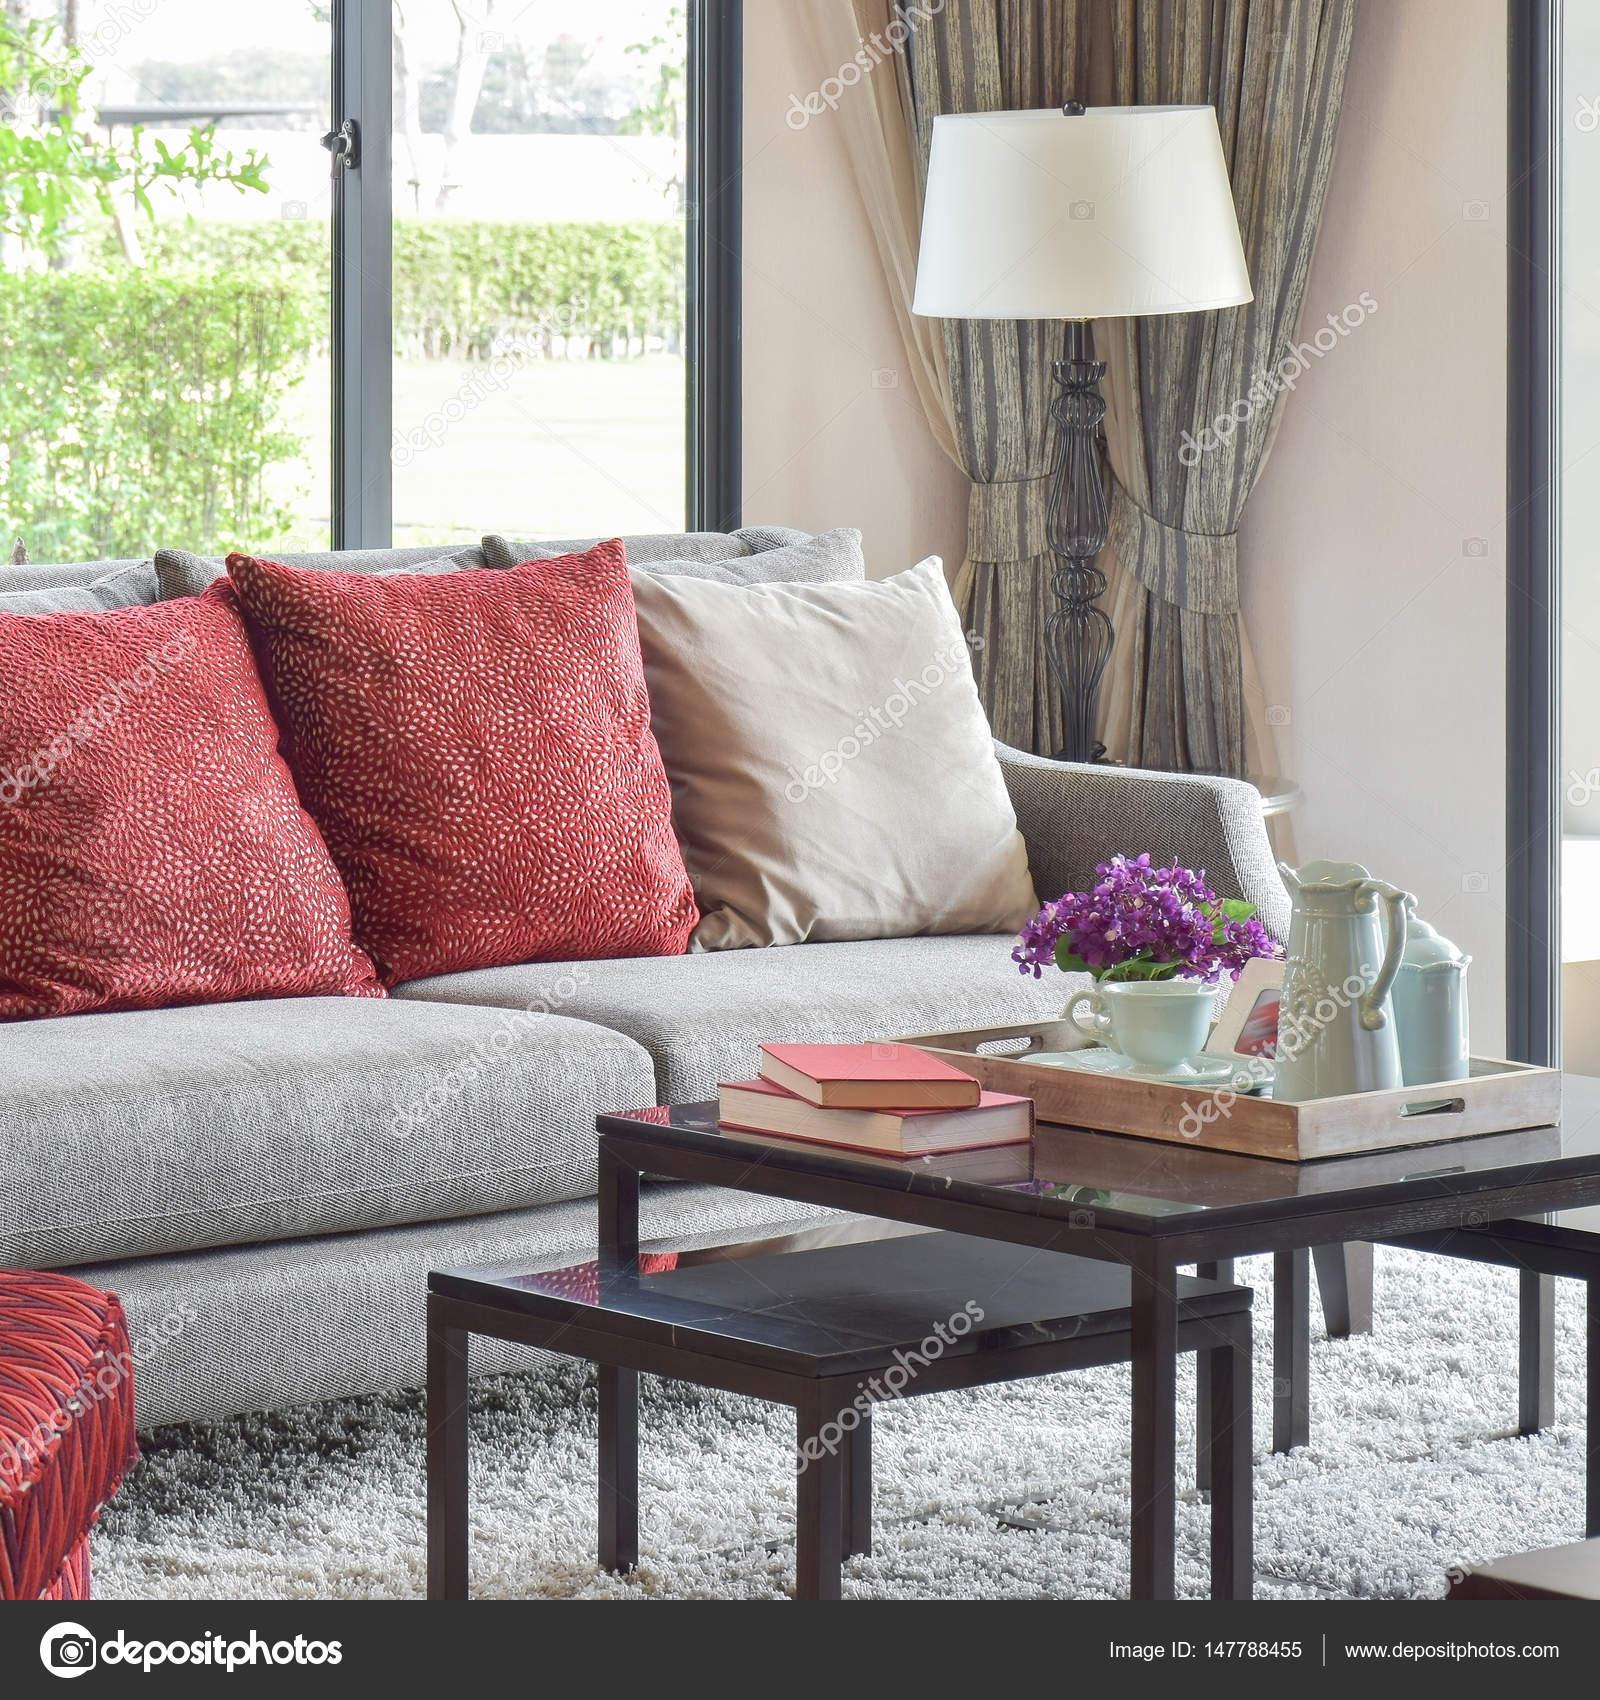 diseo moderno saln con cojines rojos en el sof y juego de t decorativo en la